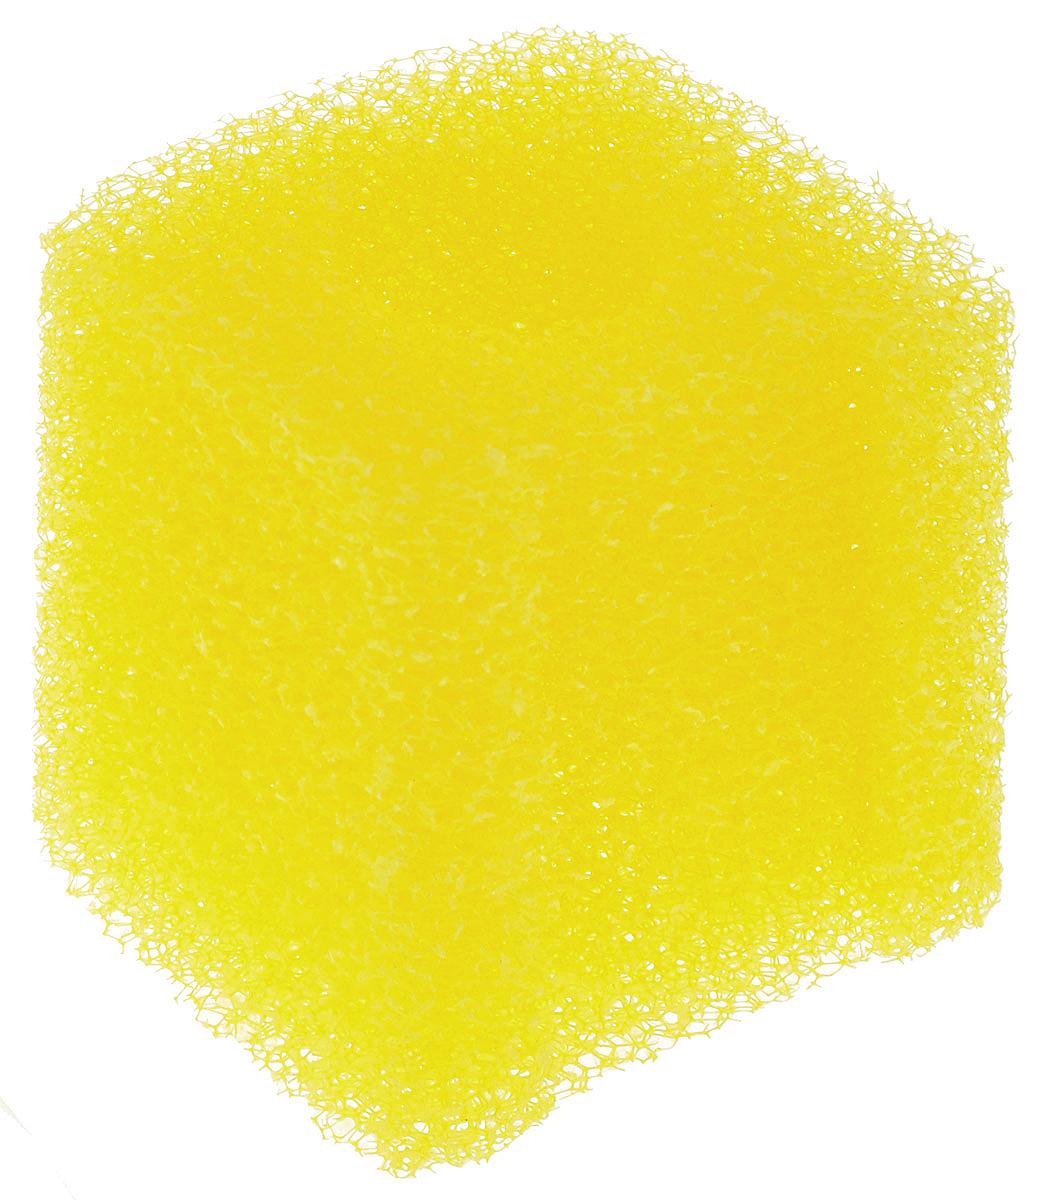 Губка Barbus для фильтра WP-1300 F, сменная, 6,5 х 5,5 х 7 см0120710Губка Barbus предназначена для фильтра WP-1300 F и состоит из высокопористого материала для эффективной очистки воды в аквариуме. Губка для фильтра является основным сменным элементом, влияющем на обеспечение нормальных условий для жизни рыб.Губка отлично подходит для размножения полезных бактерий, поэтому осуществляет как механическую, так и биологическую очистку.